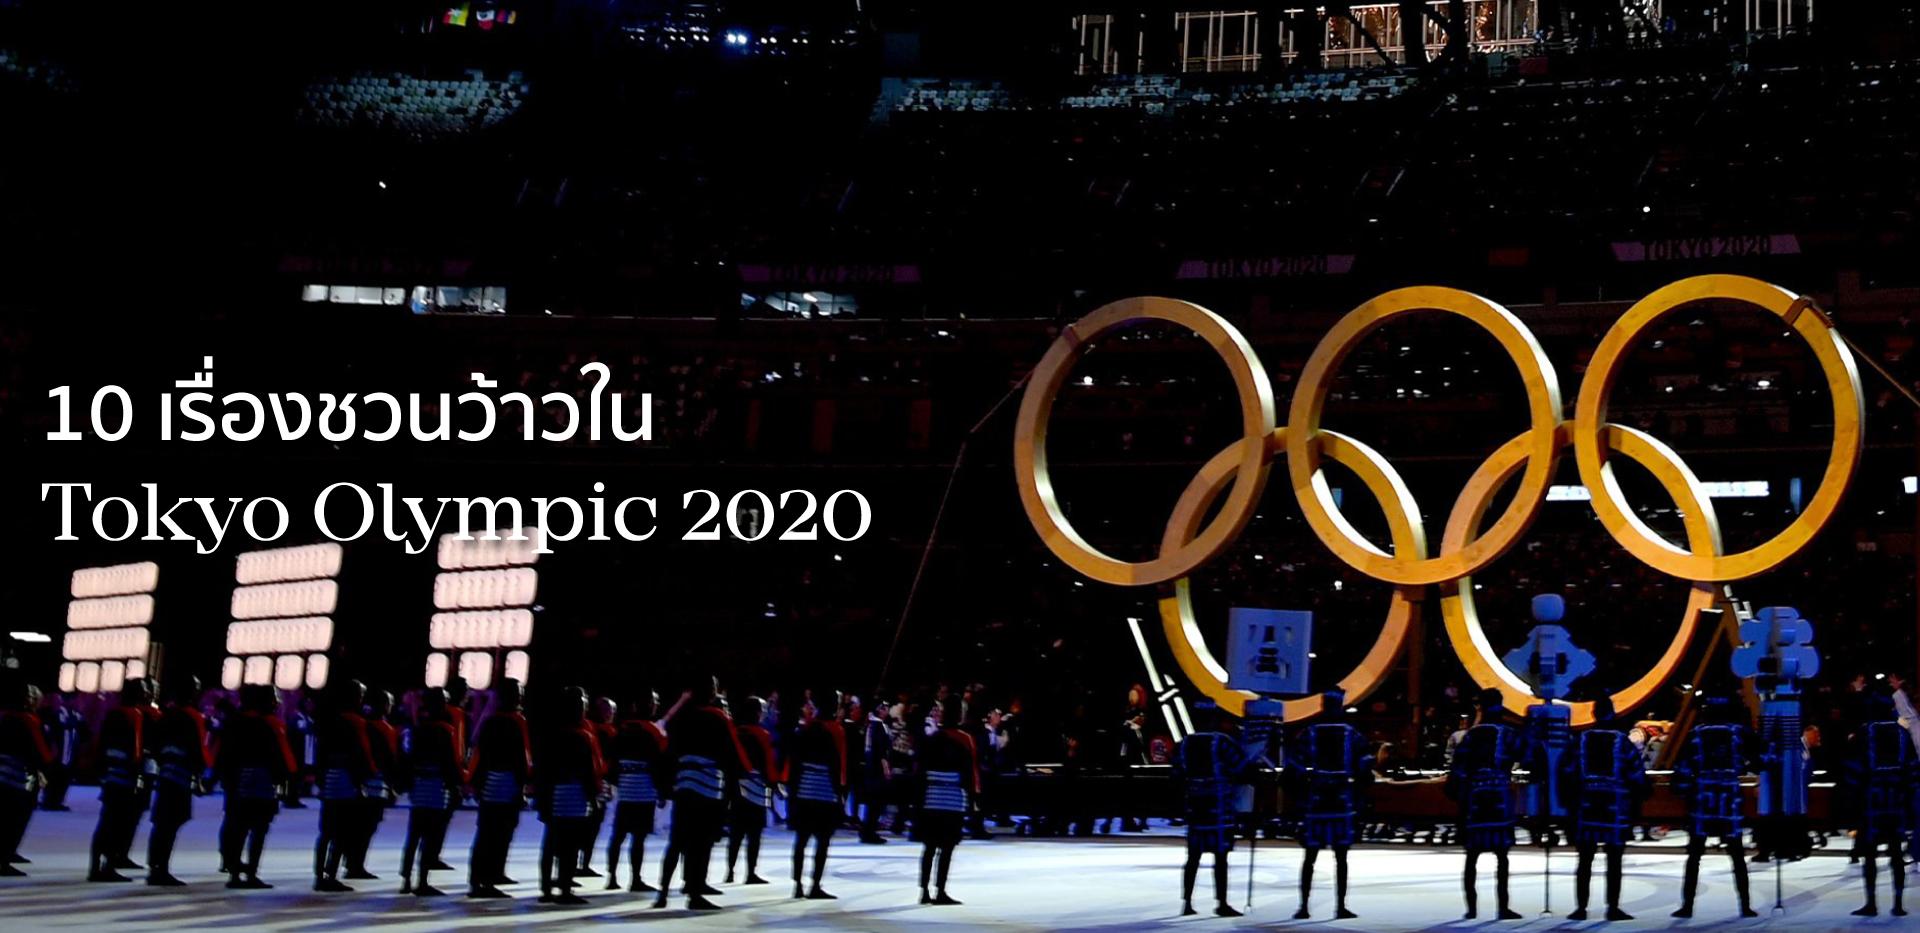 10 เรื่องชวนว้าวใน Tokyo Olympic 2020